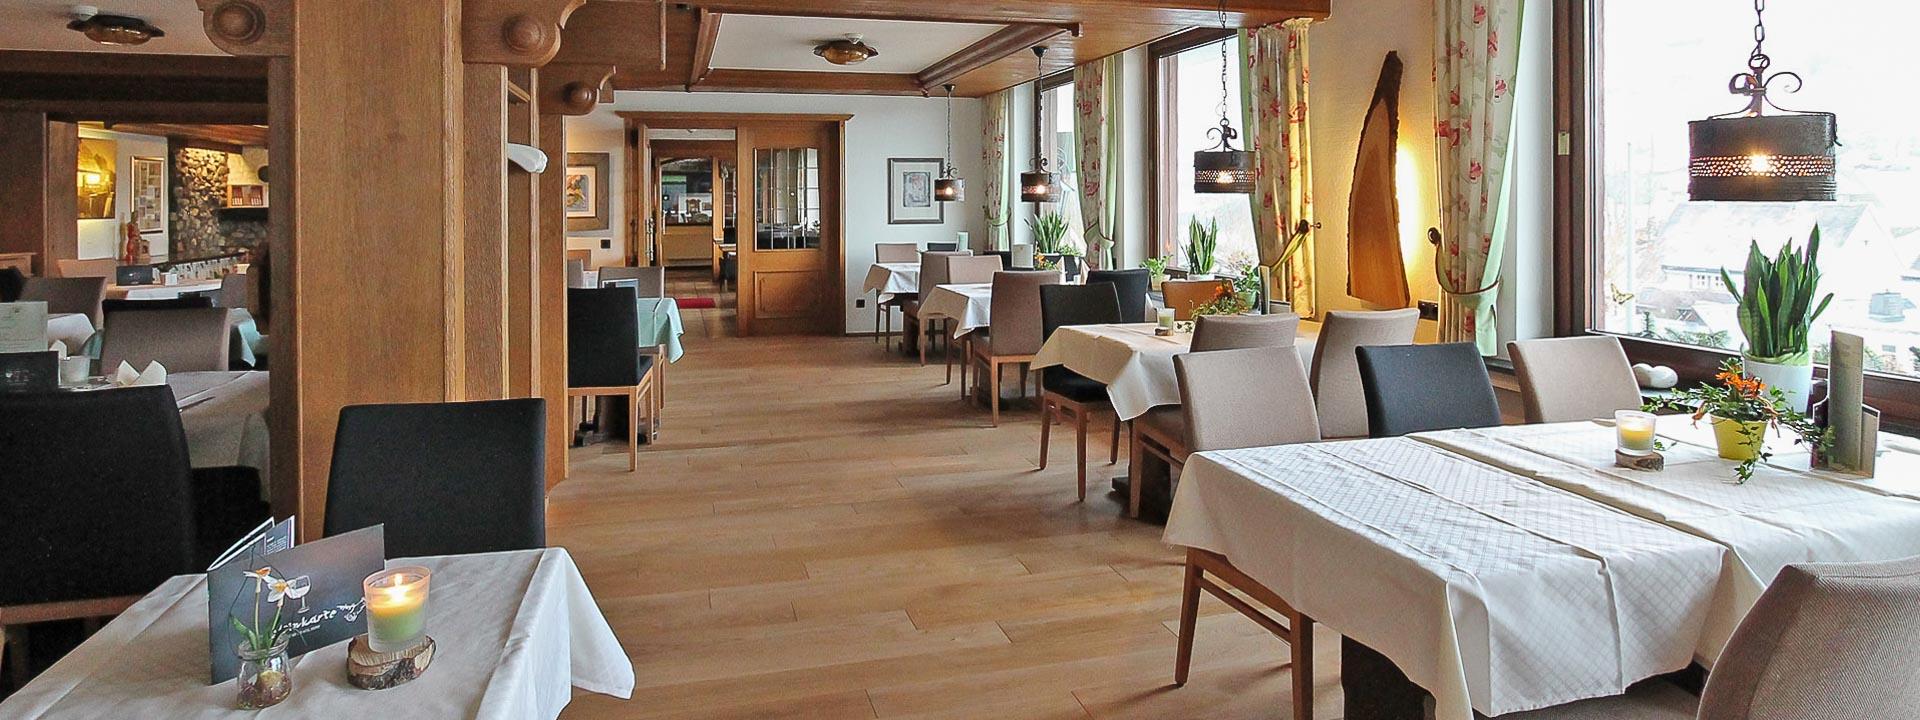 Restaurant Hotel Bischof